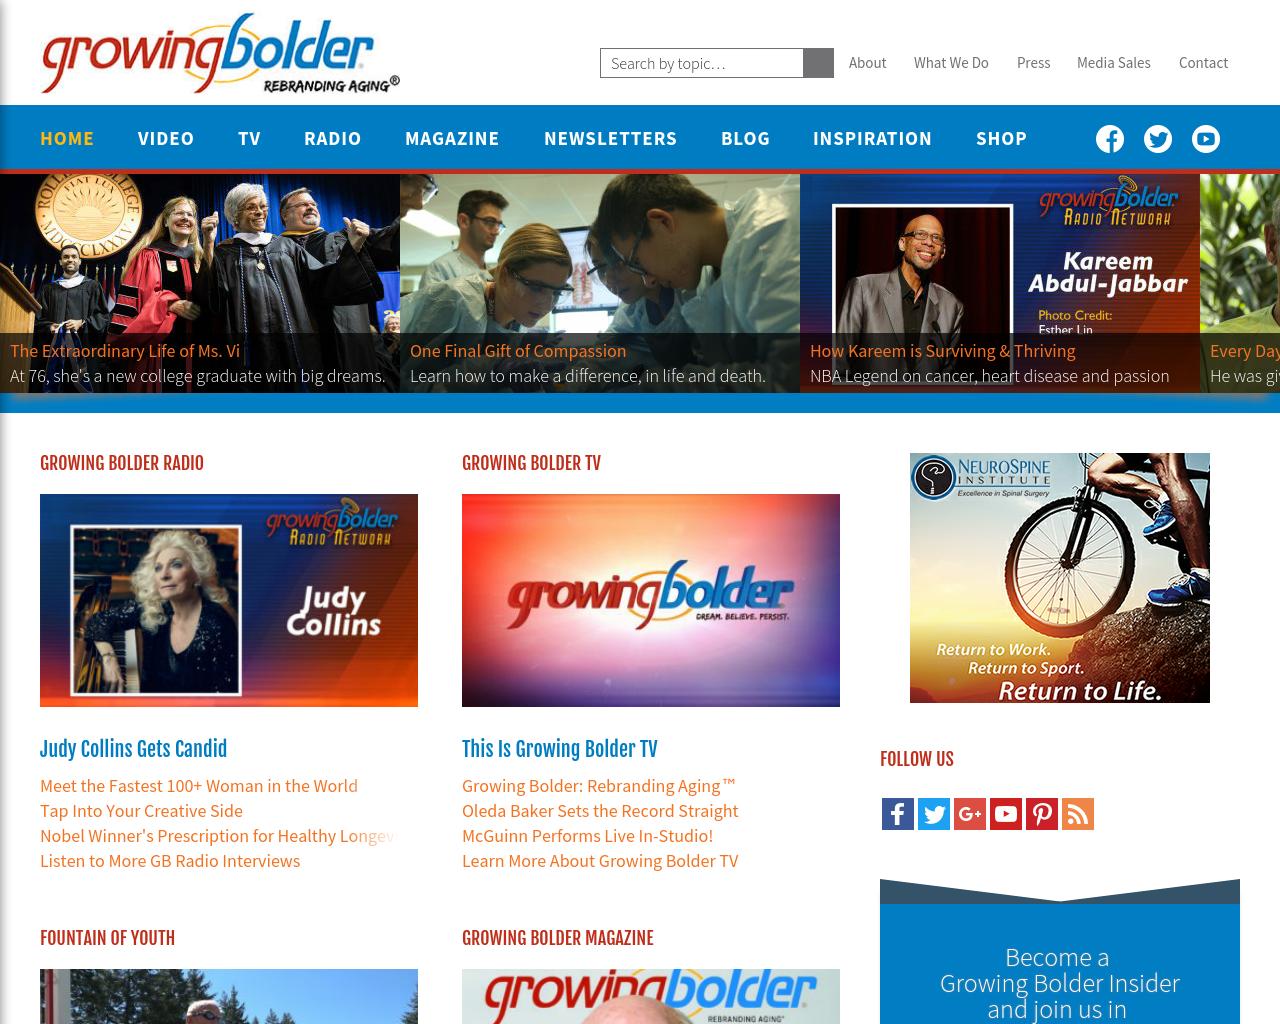 Growing-Bolder-Advertising-Reviews-Pricing